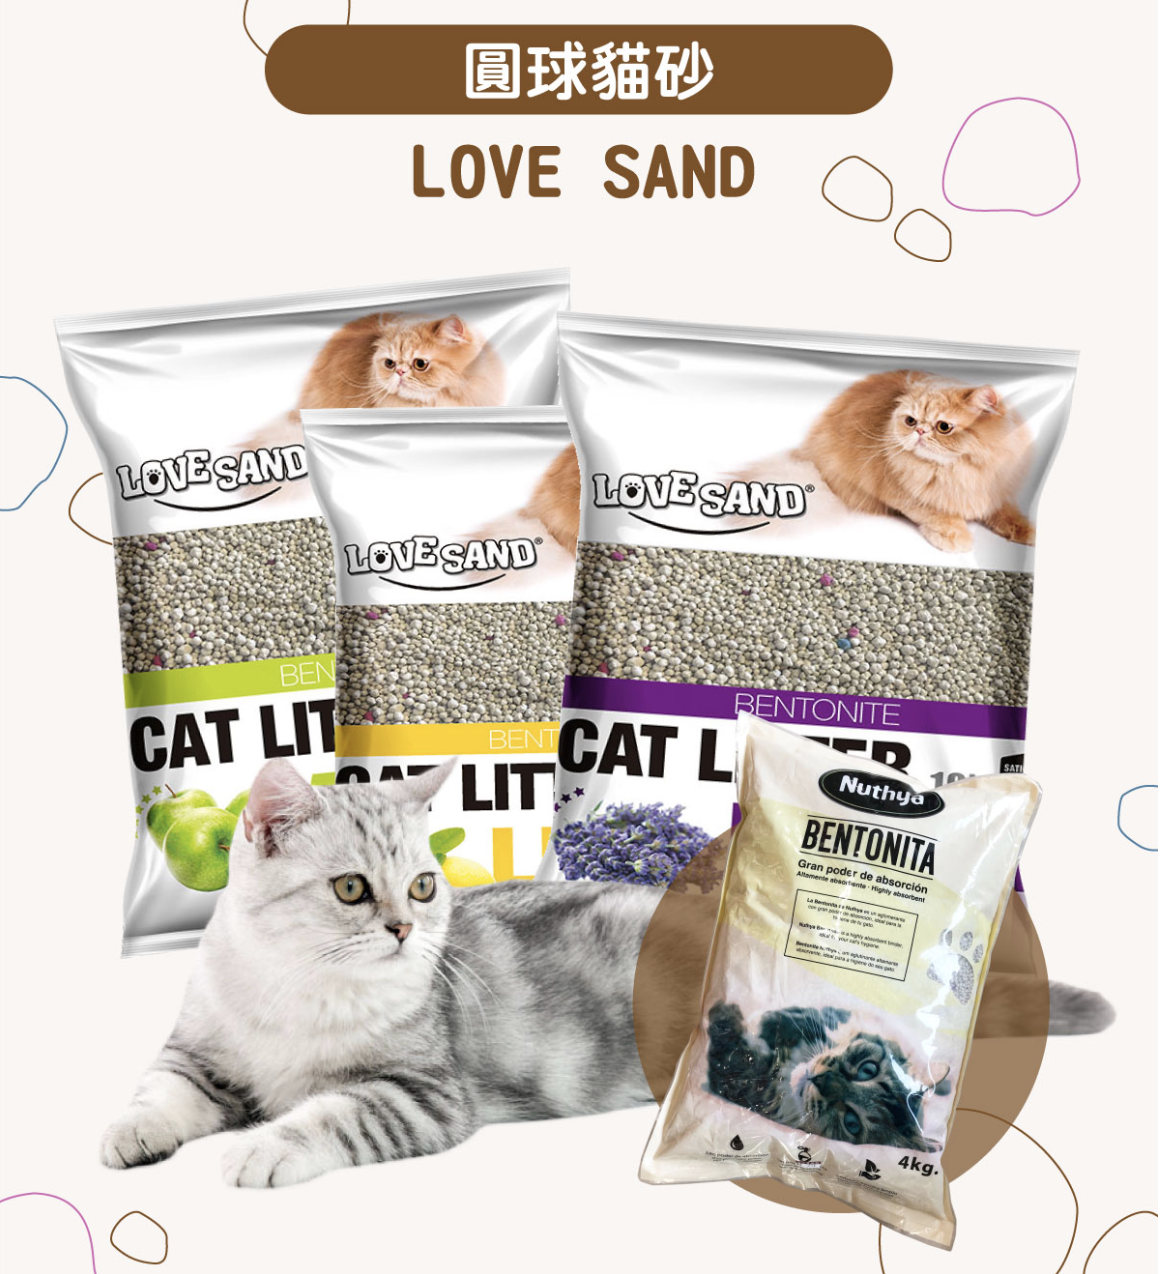 礦砂是貓砂種類價格最低的